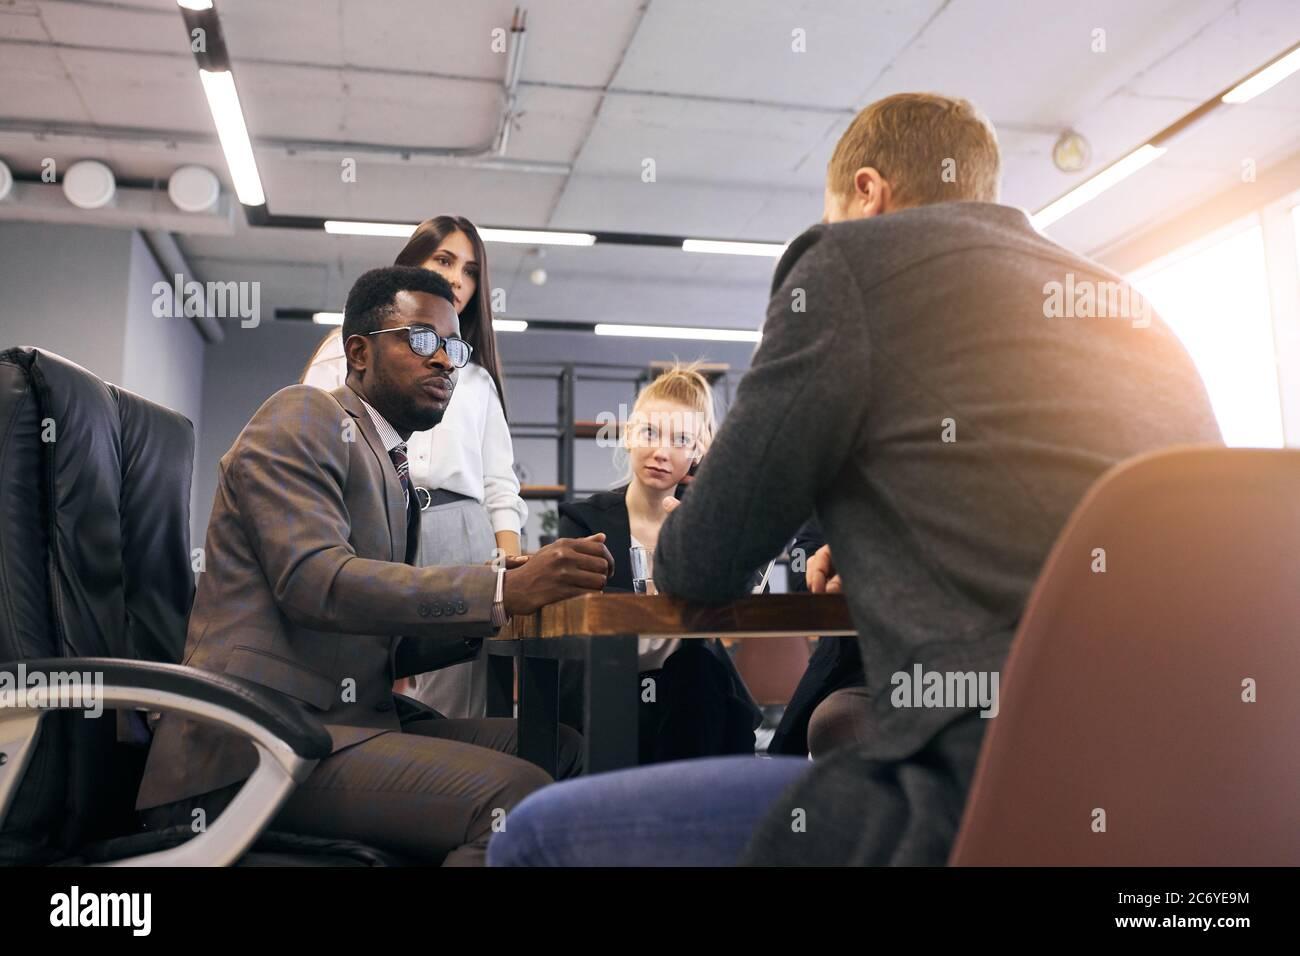 Un homme africain portant du tuxedo s'assoit en parlant avec un homme caucasien tandis que d'autres les écoutent. Travail d'équipe dans le centre d'affaires Banque D'Images